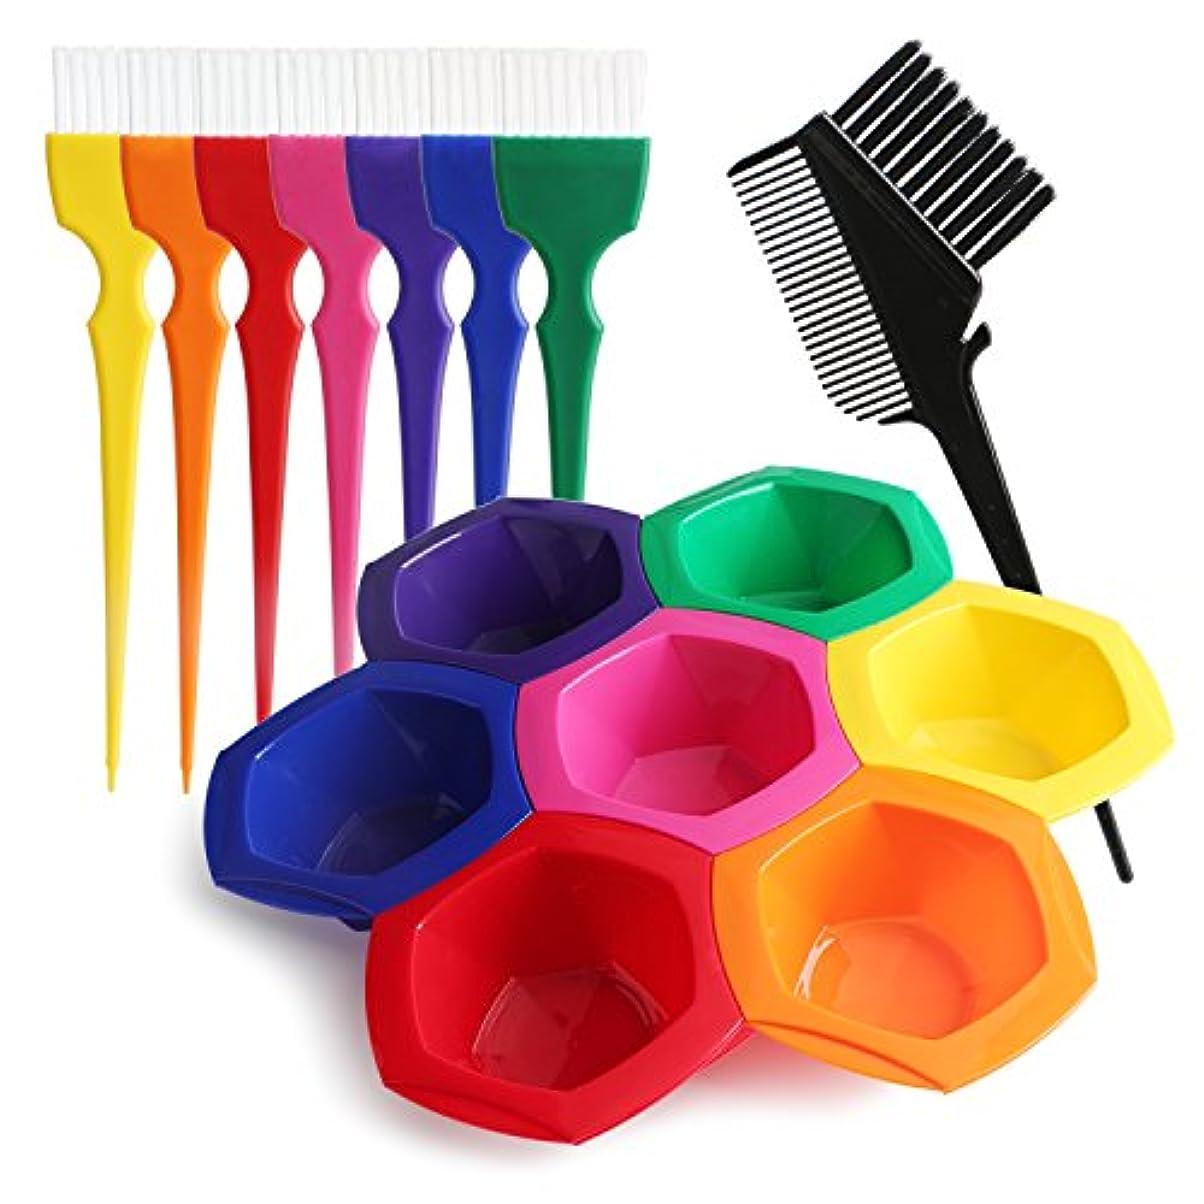 デンマークスプーンお勧めSegbeauty DIY/プロの髪染めのセット ヘアカラー用工具 彩色なボウルとブラシのセット 彩色な髪 美髪用